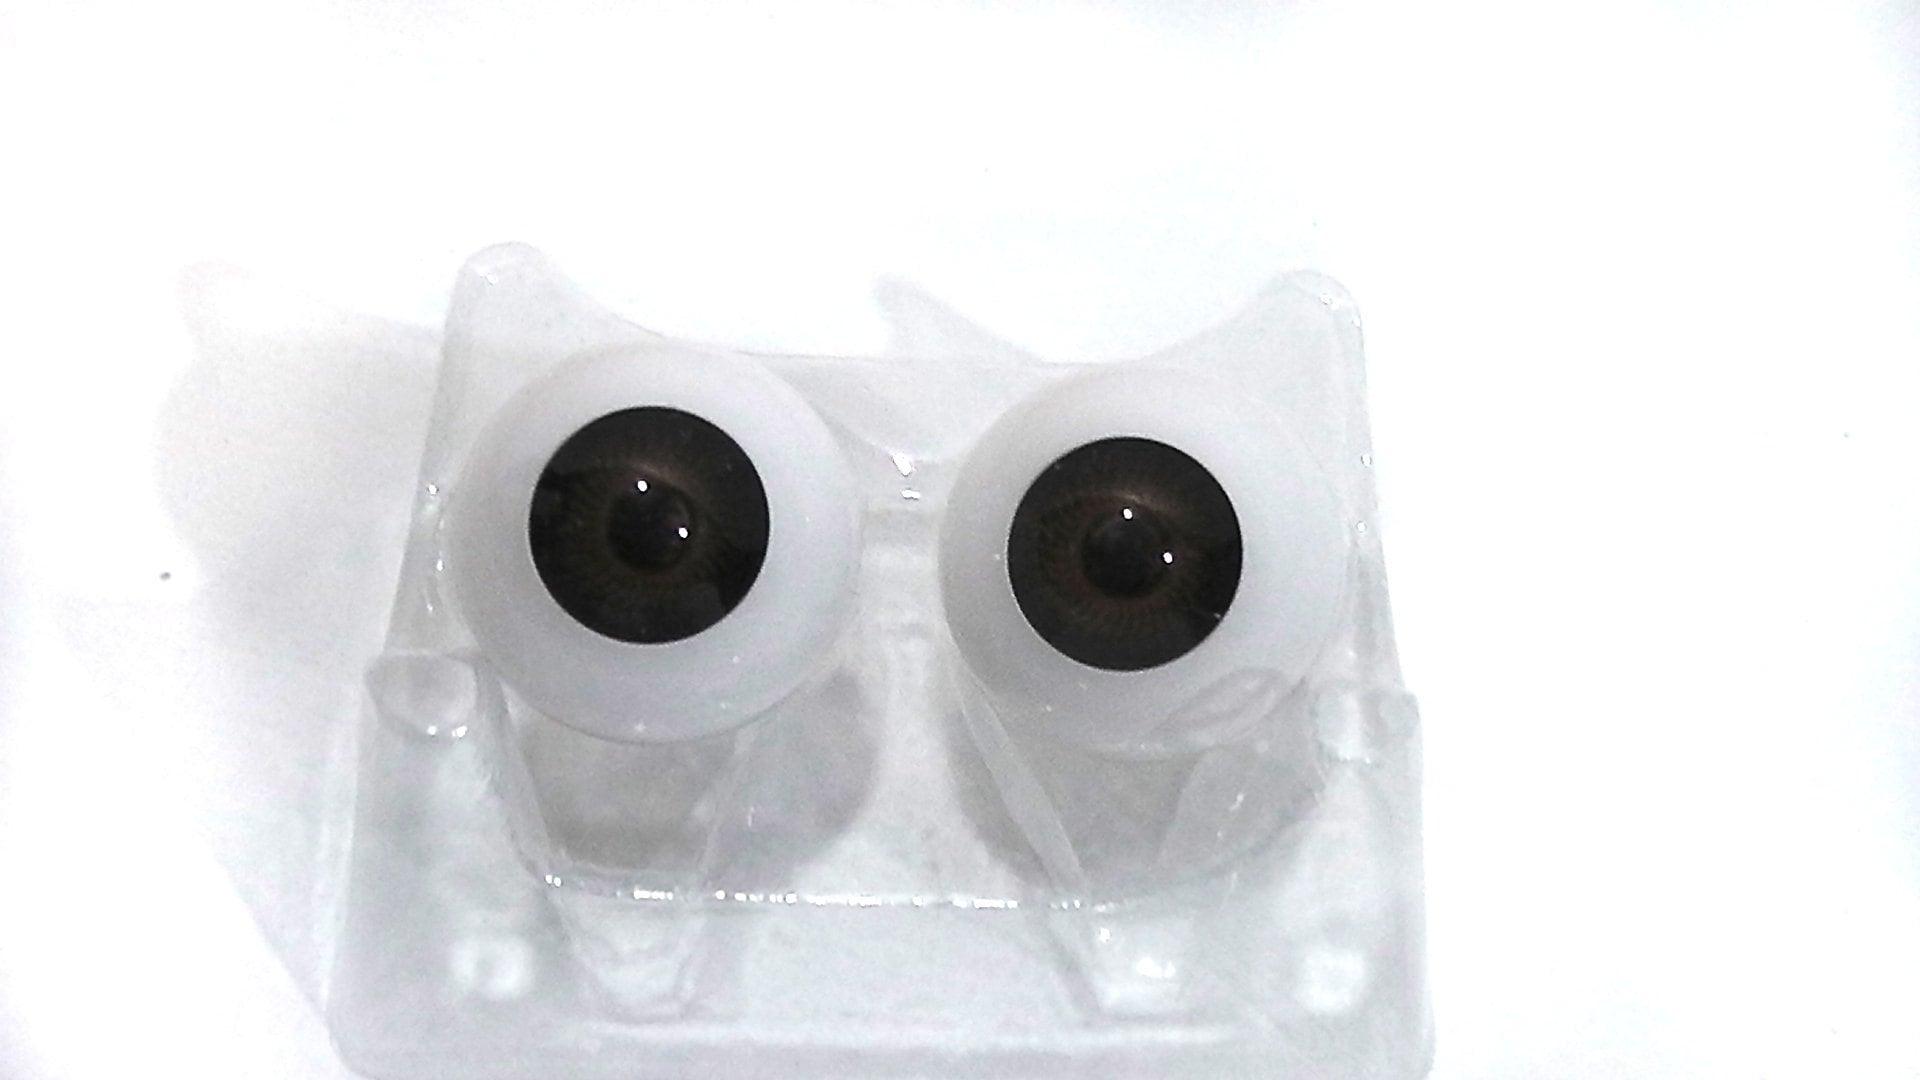 26mm plastic dark brown eyes